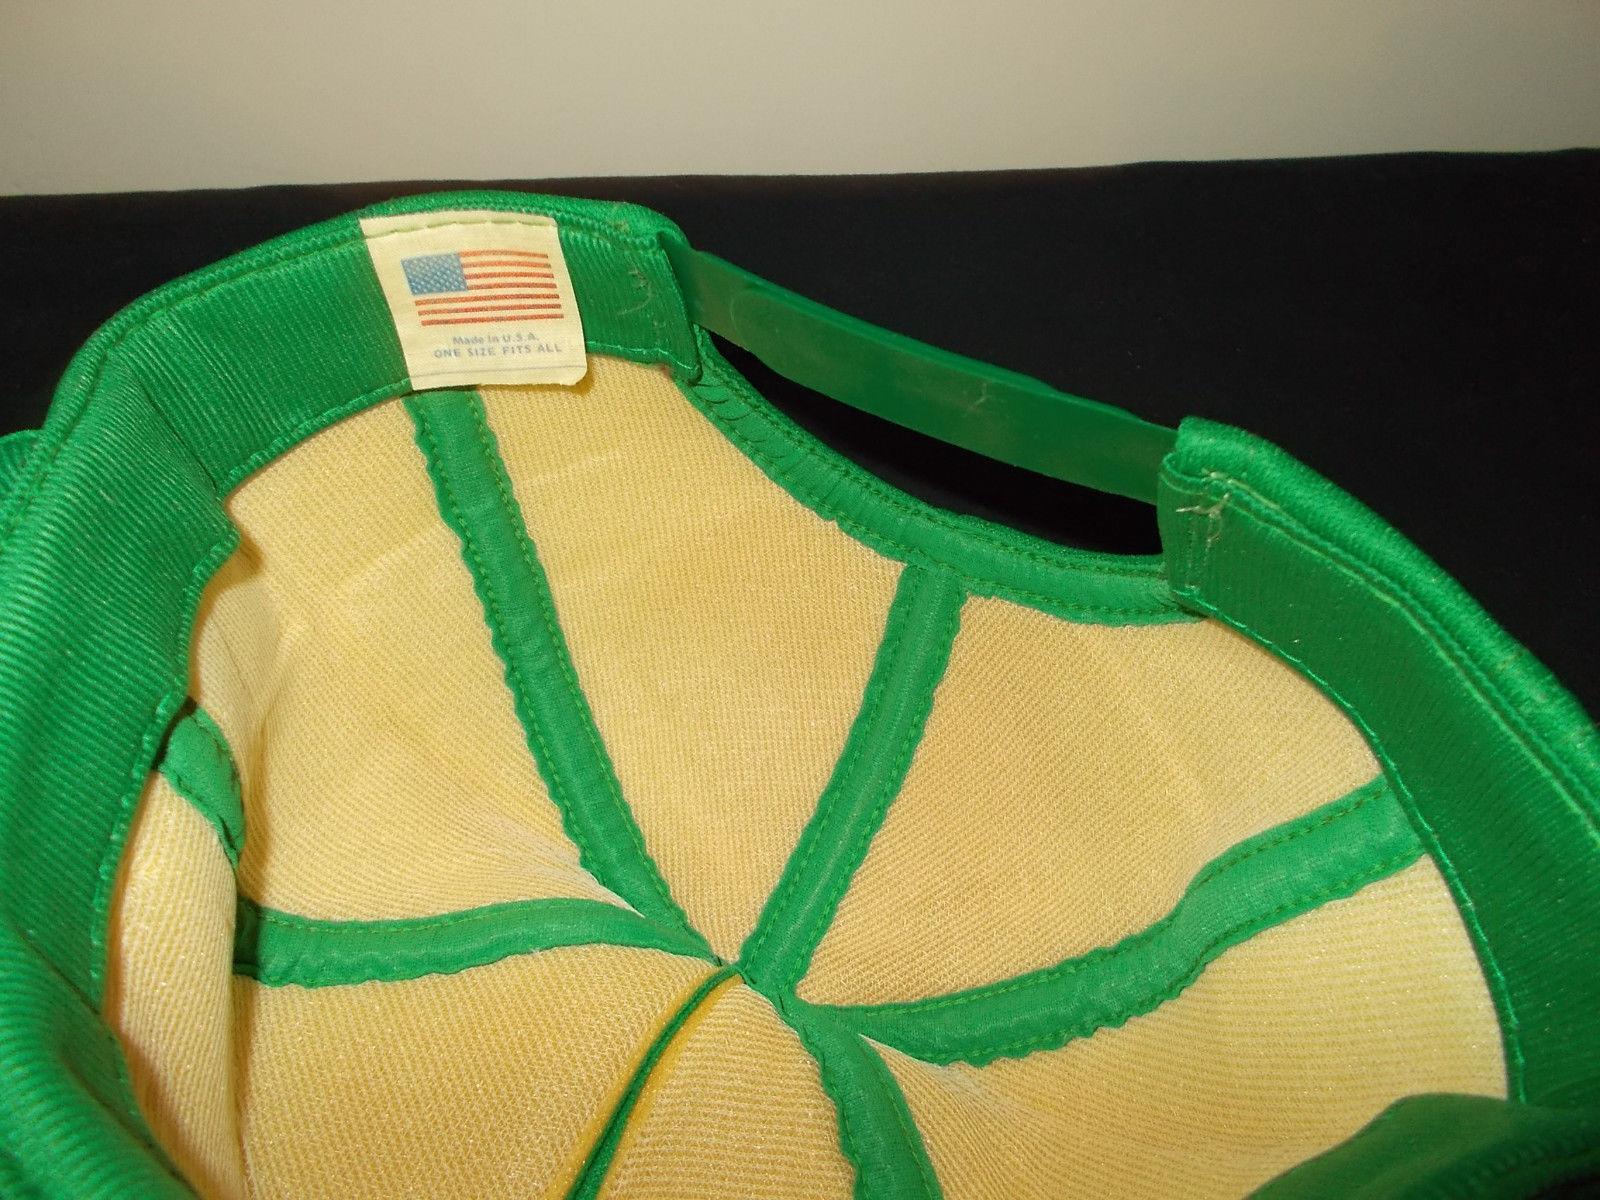 VTG-1980s Meyer Dreyers Morton Company MADE USA snapback hat sku16